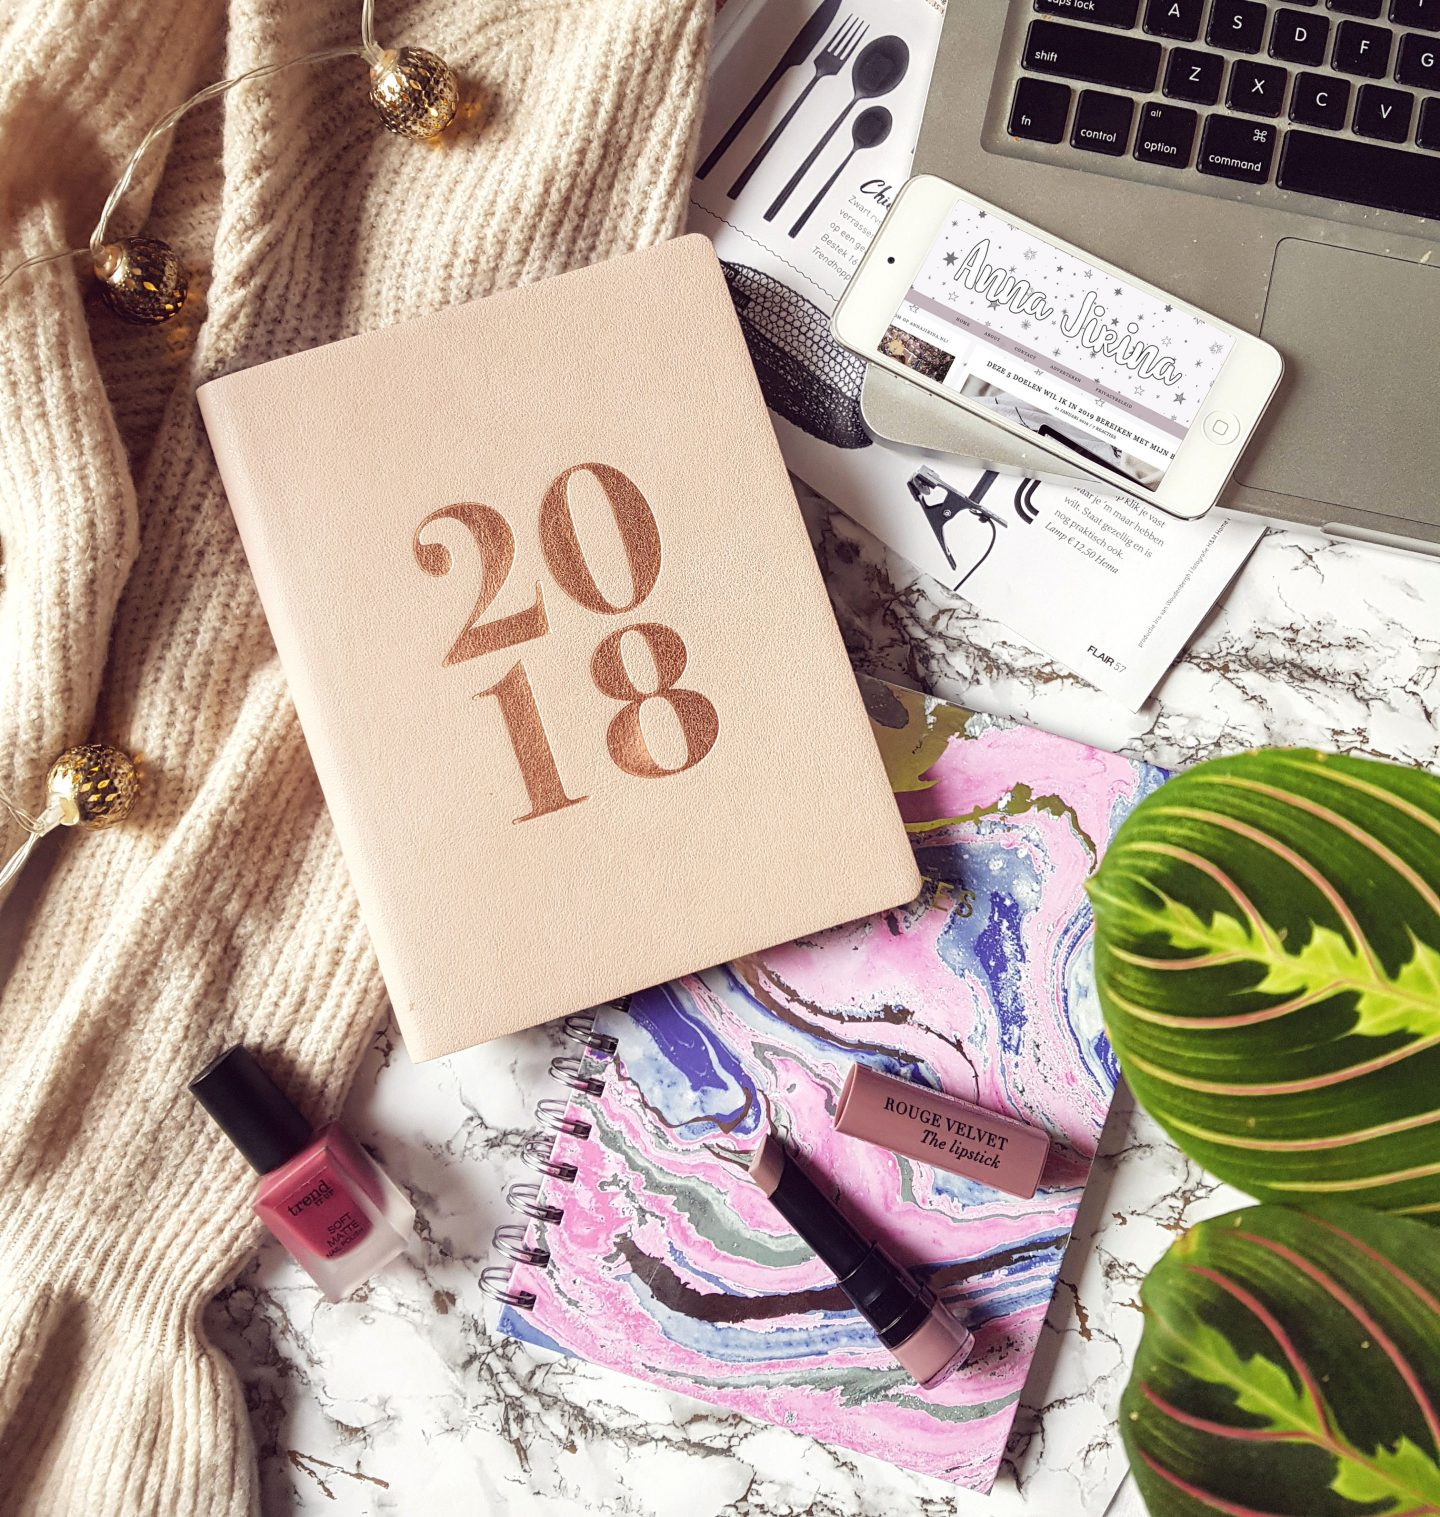 Mijn blog in 2018: Inzicht in groei, samenwerkingen en blogflow